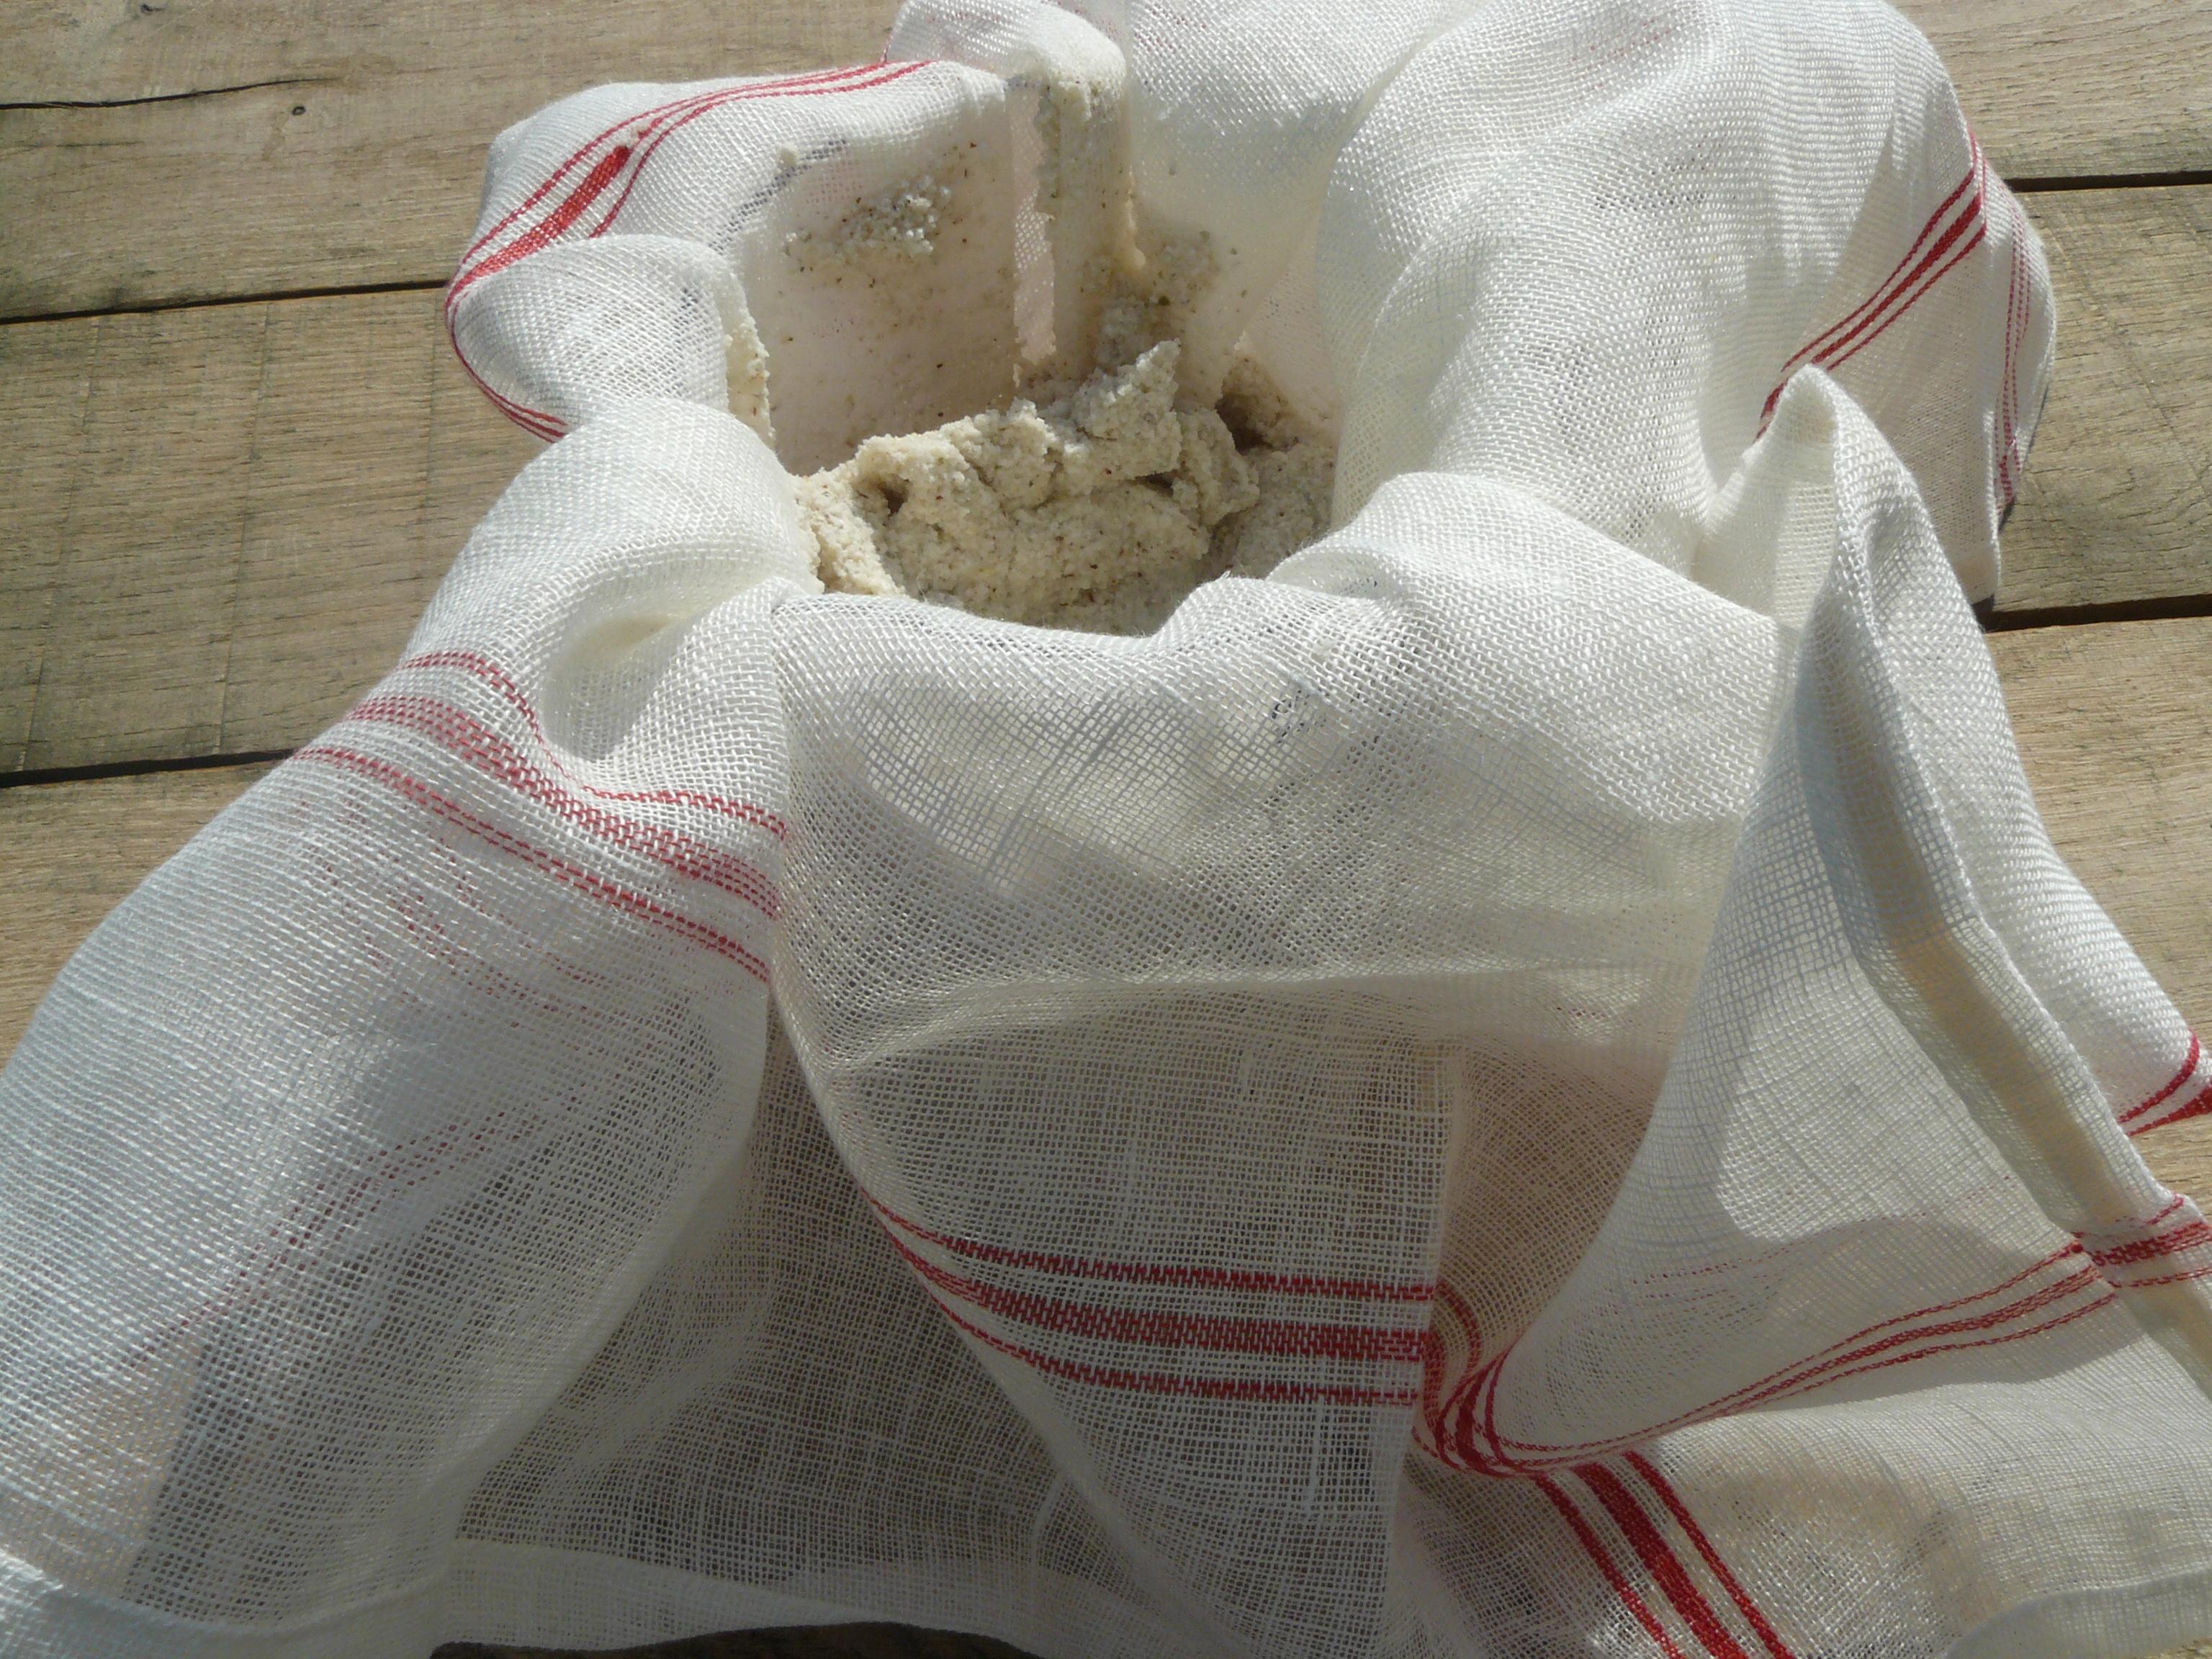 Notenmelk heerlijk en zelf gemaakt saskia van ommen - Hang een doek ...